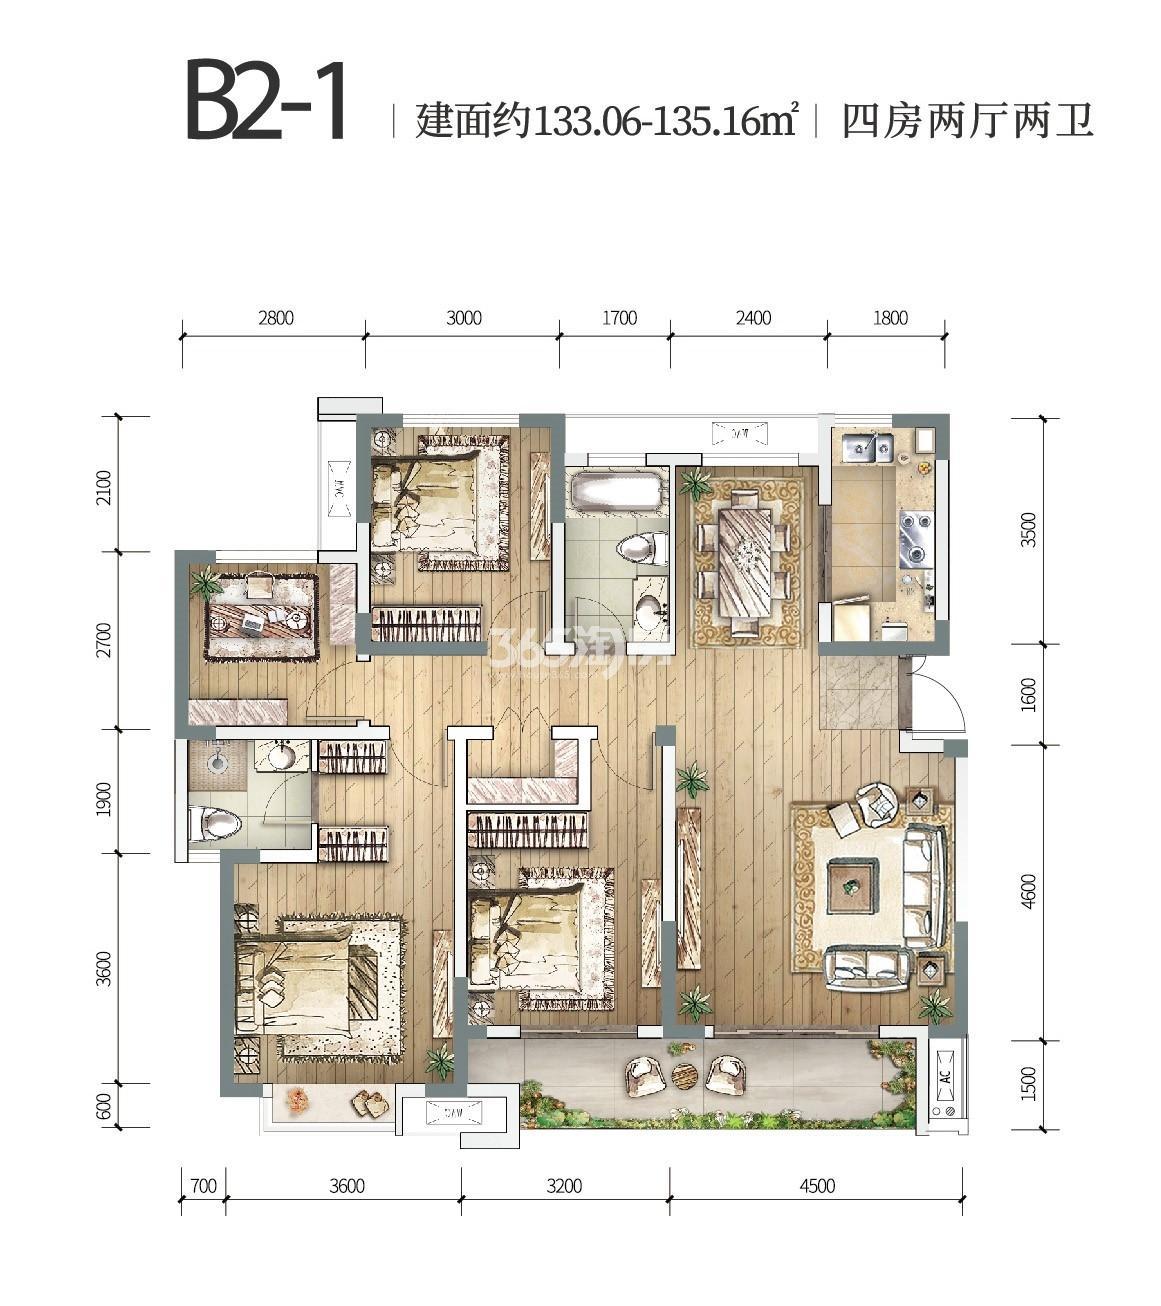 中铁燕南苑B2-1四室两厅 133.06-135.16㎡